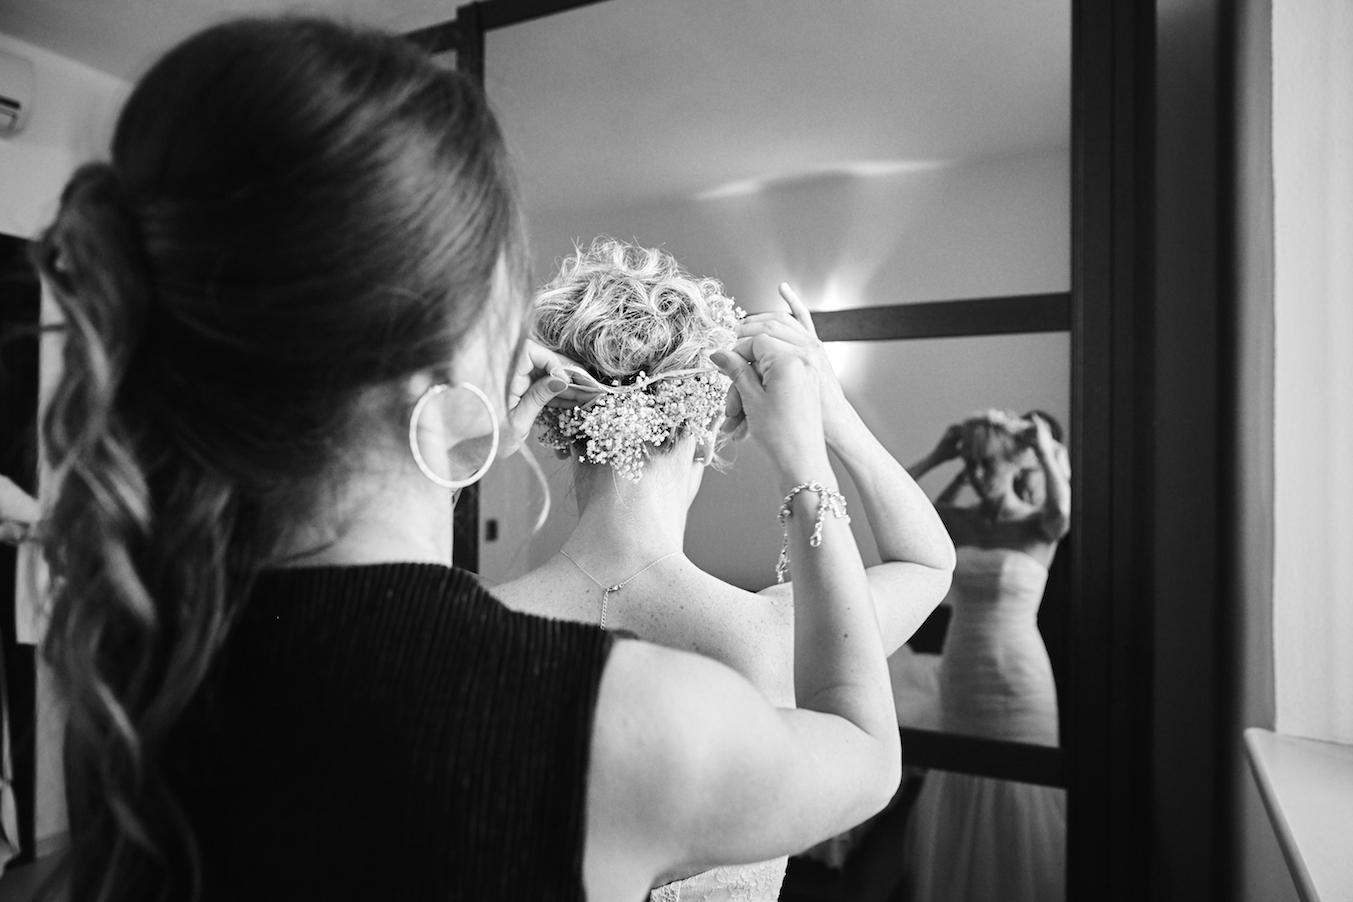 fotografia preparativi matrimonio in bianco e nero. la sposa si prepara